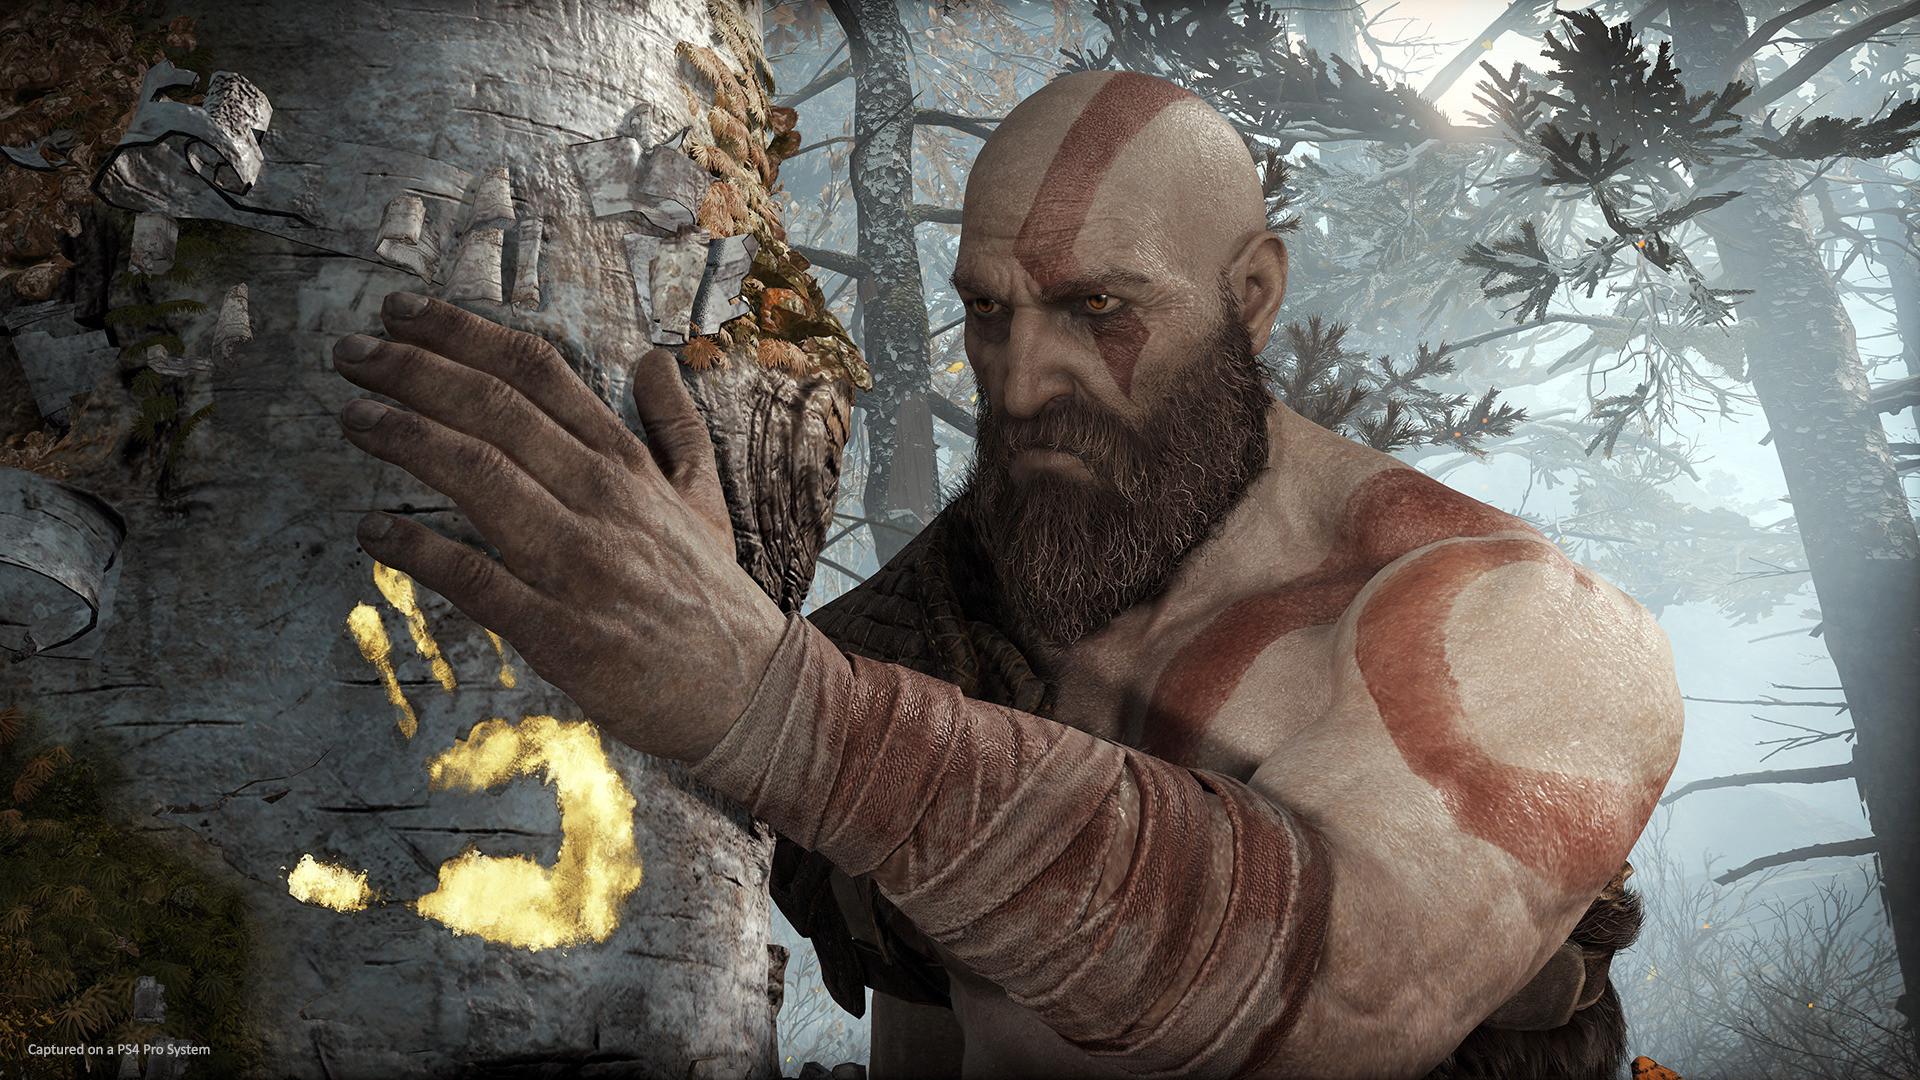 Menos visceral, novo God Of War aposta em combate estratégico